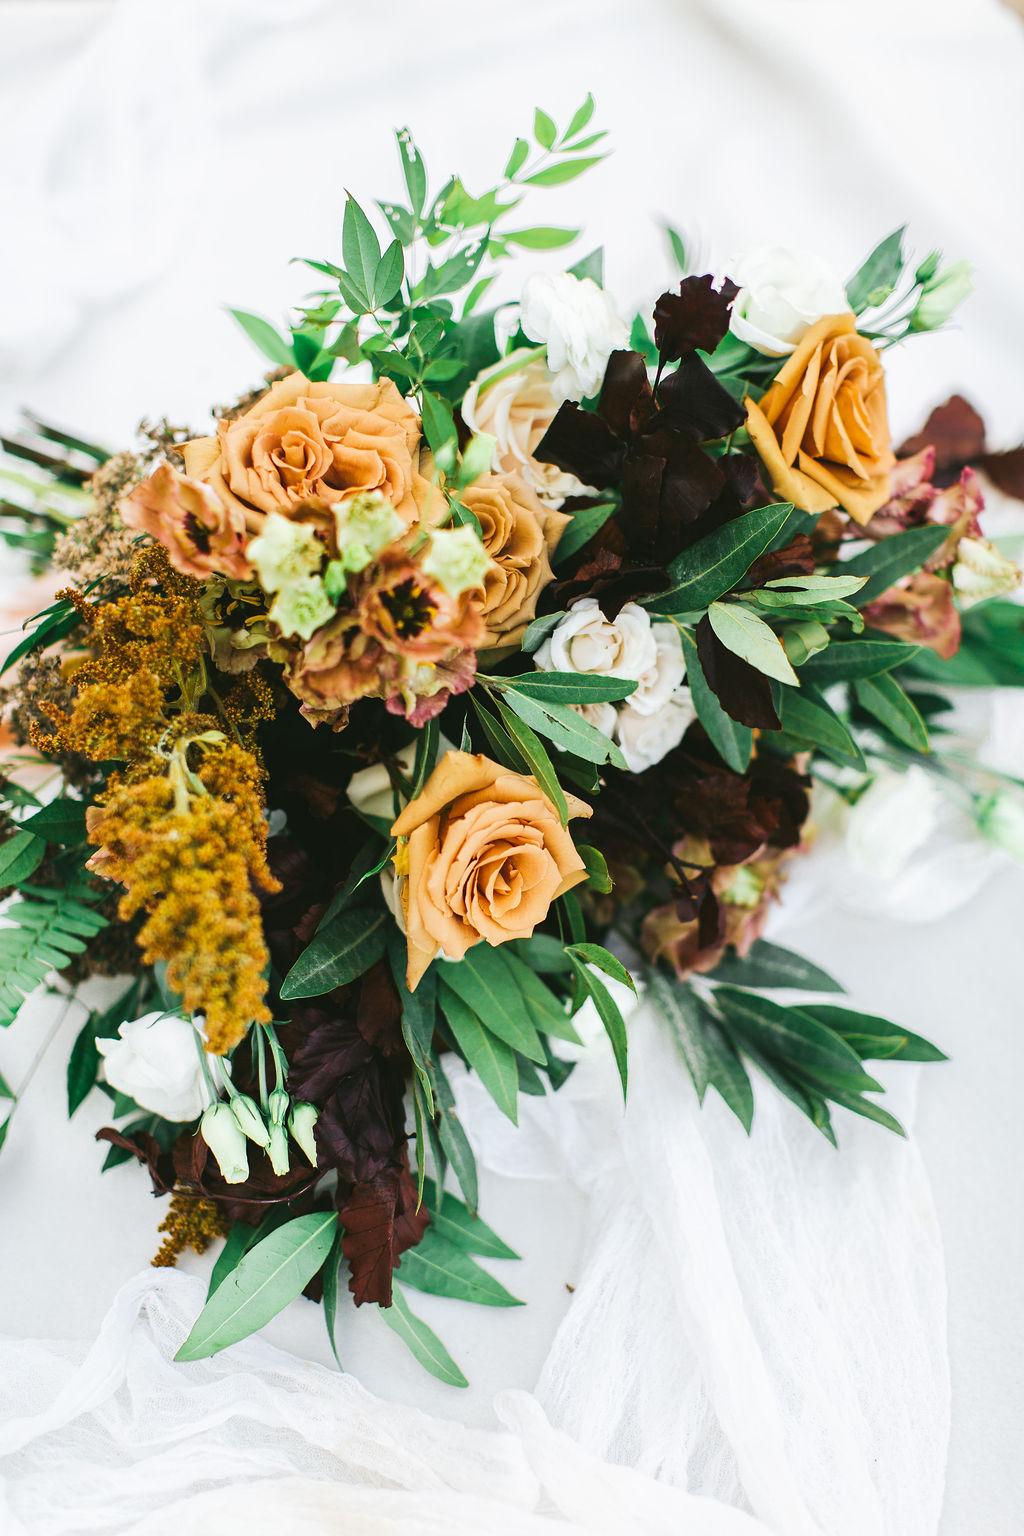 Courtney Inghram Business and Floral Design Wedding Workshop